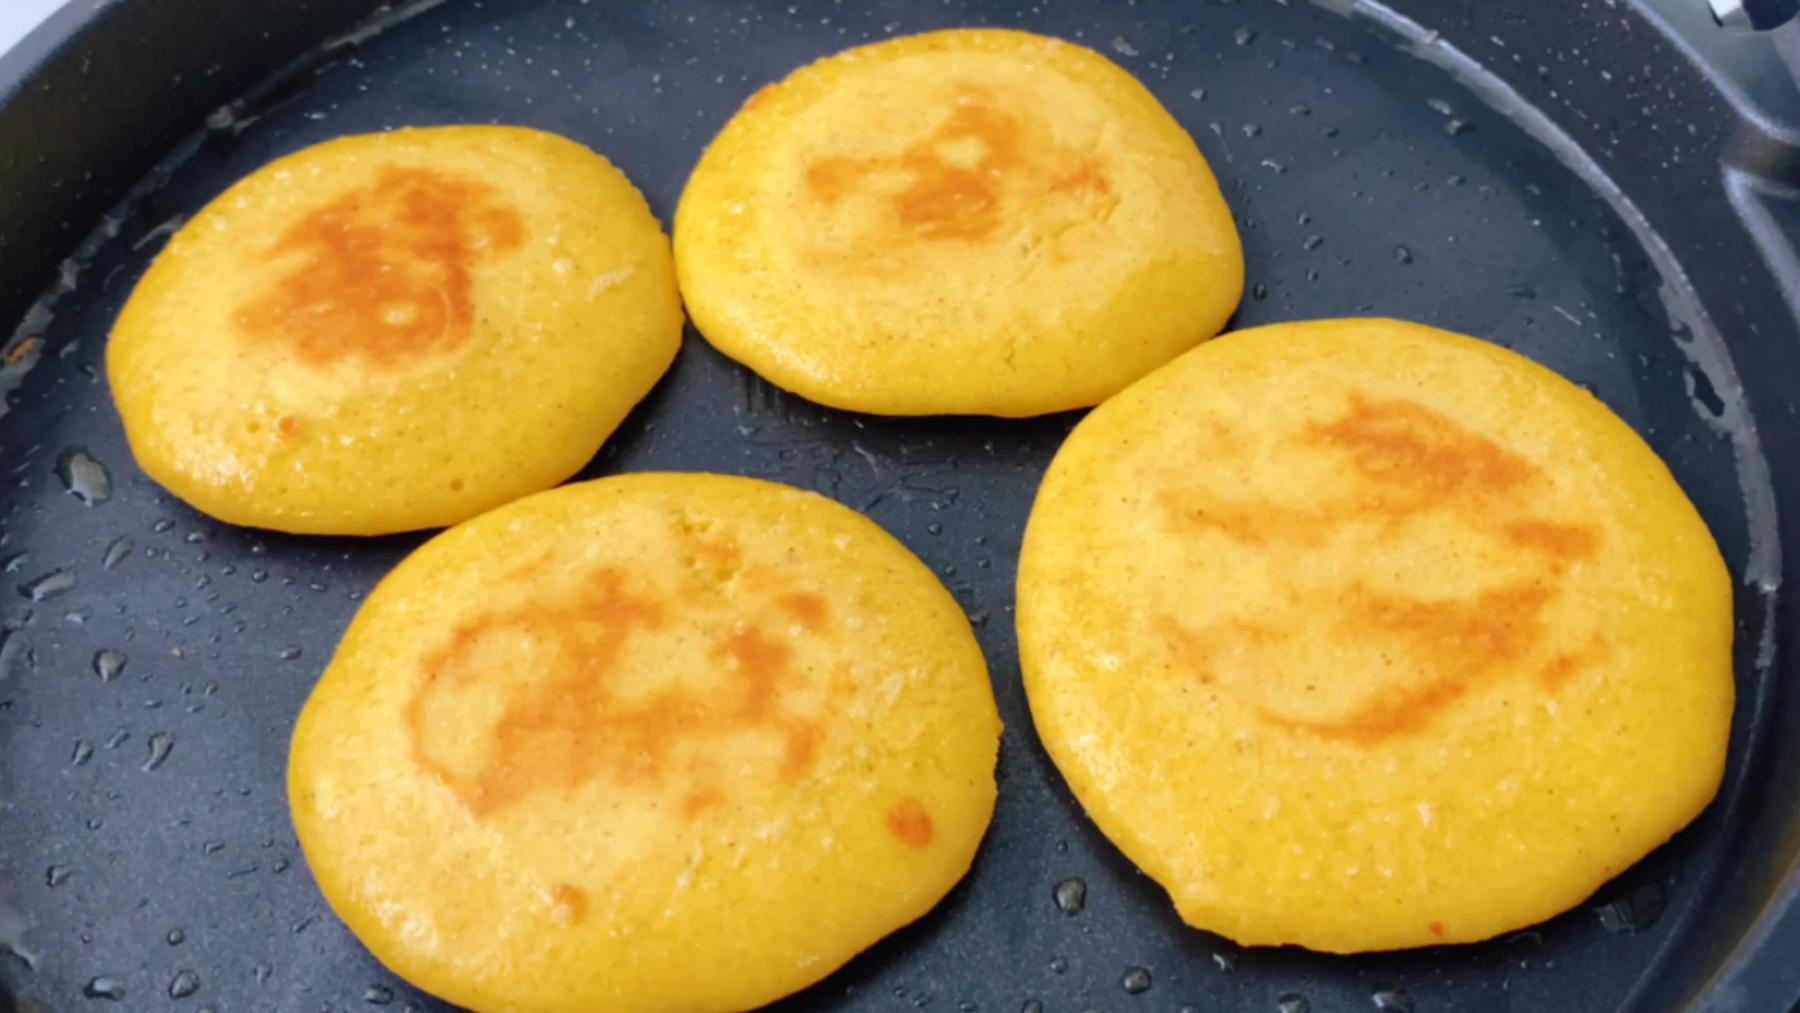 四个鸡蛋半碗面,教你做奶香玉米饼,不发面手不沾面,比蛋糕还好吃